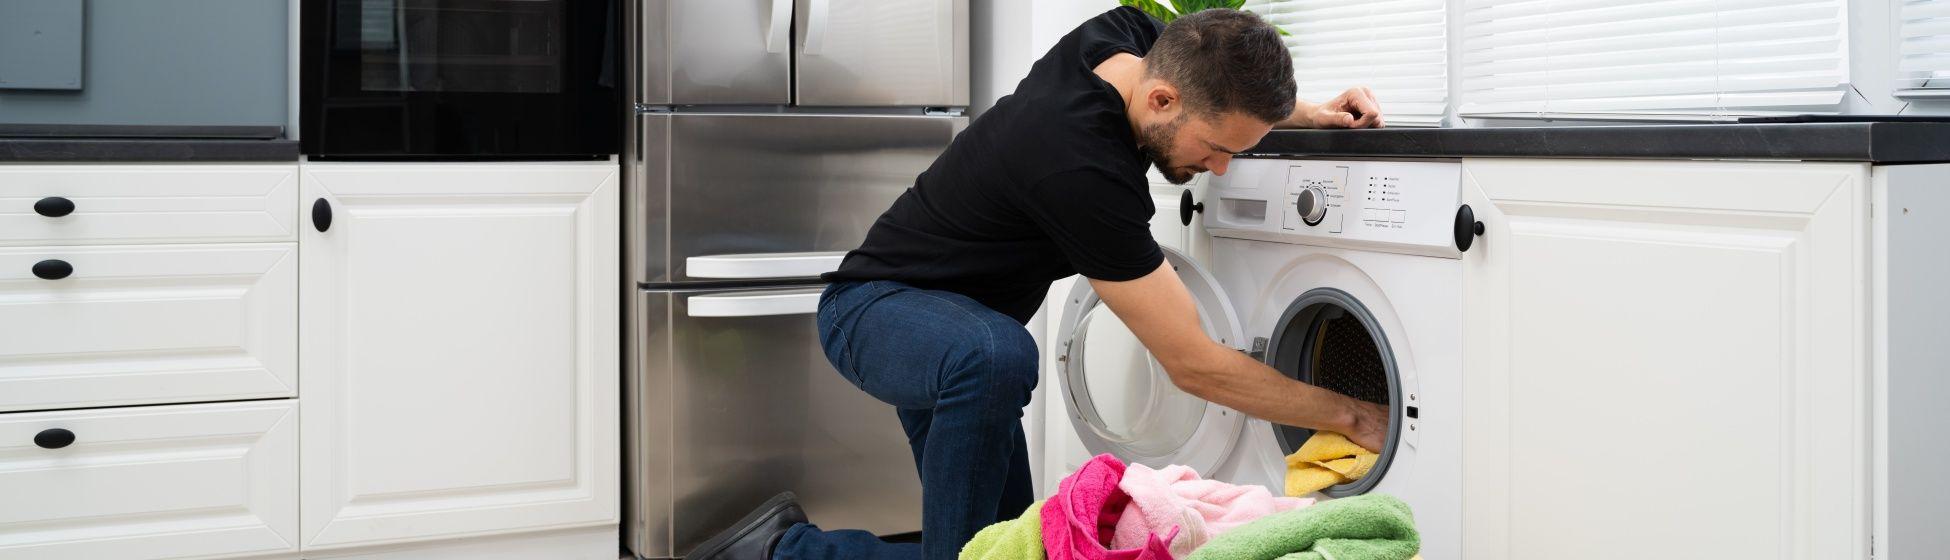 Como lavar roupa? Um guia rápido para iniciantes